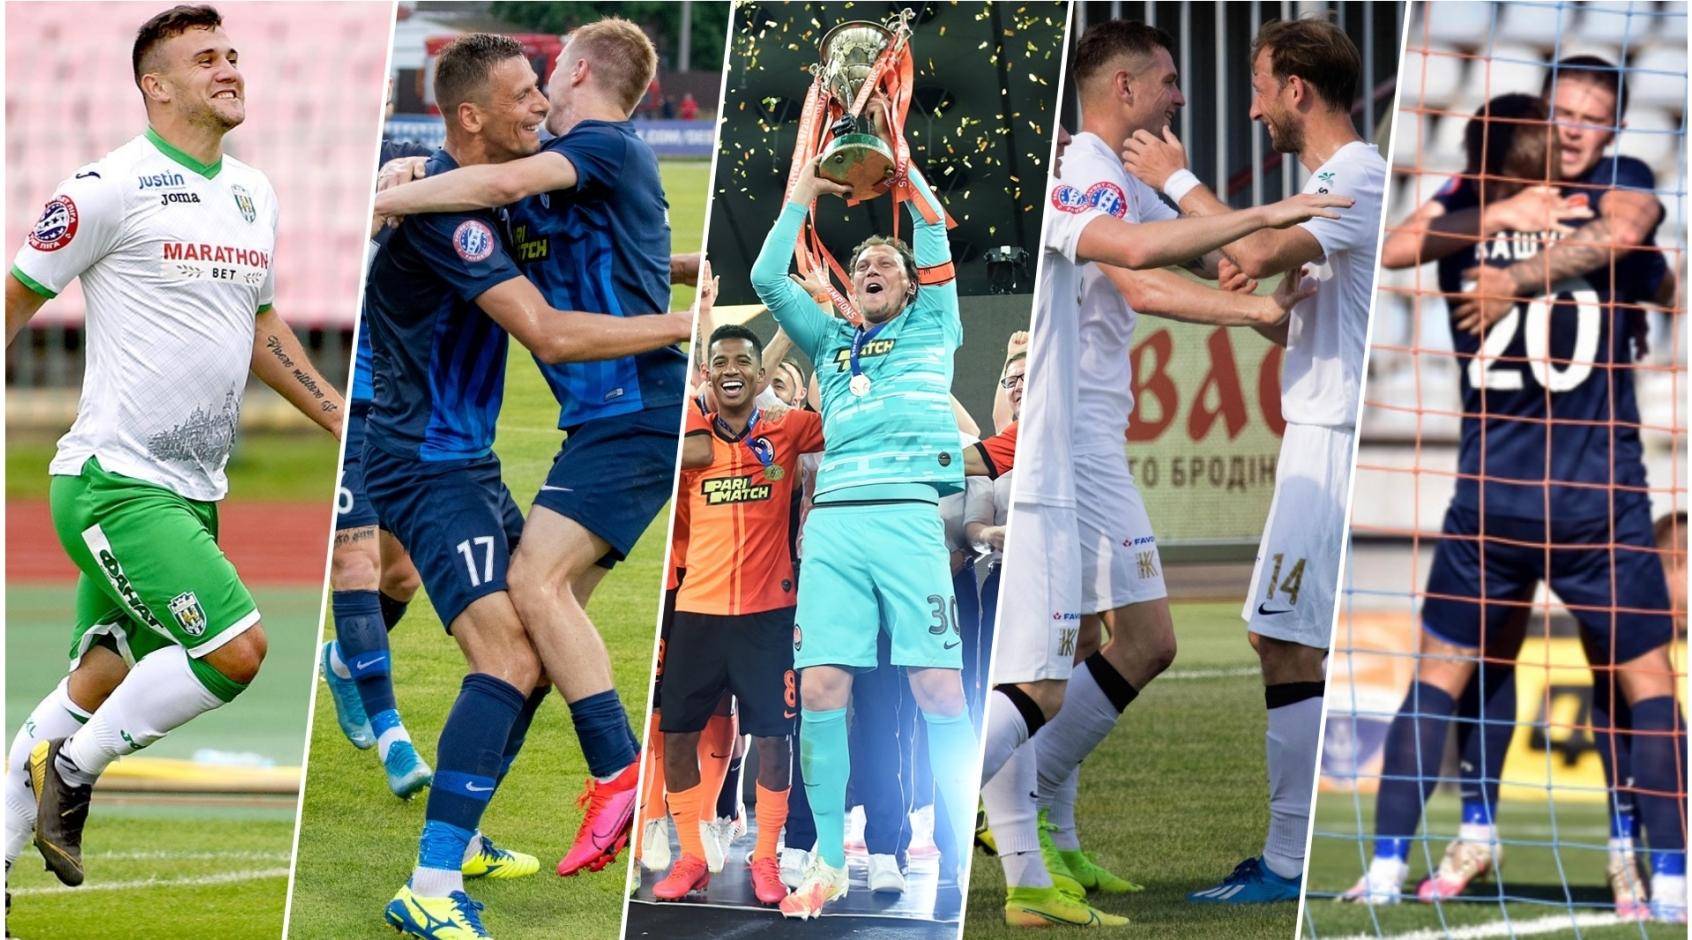 Черниговская сенсация, чемпионское празднование в Киеве и другие интересные моменты 28-го тура Favbet Лиги